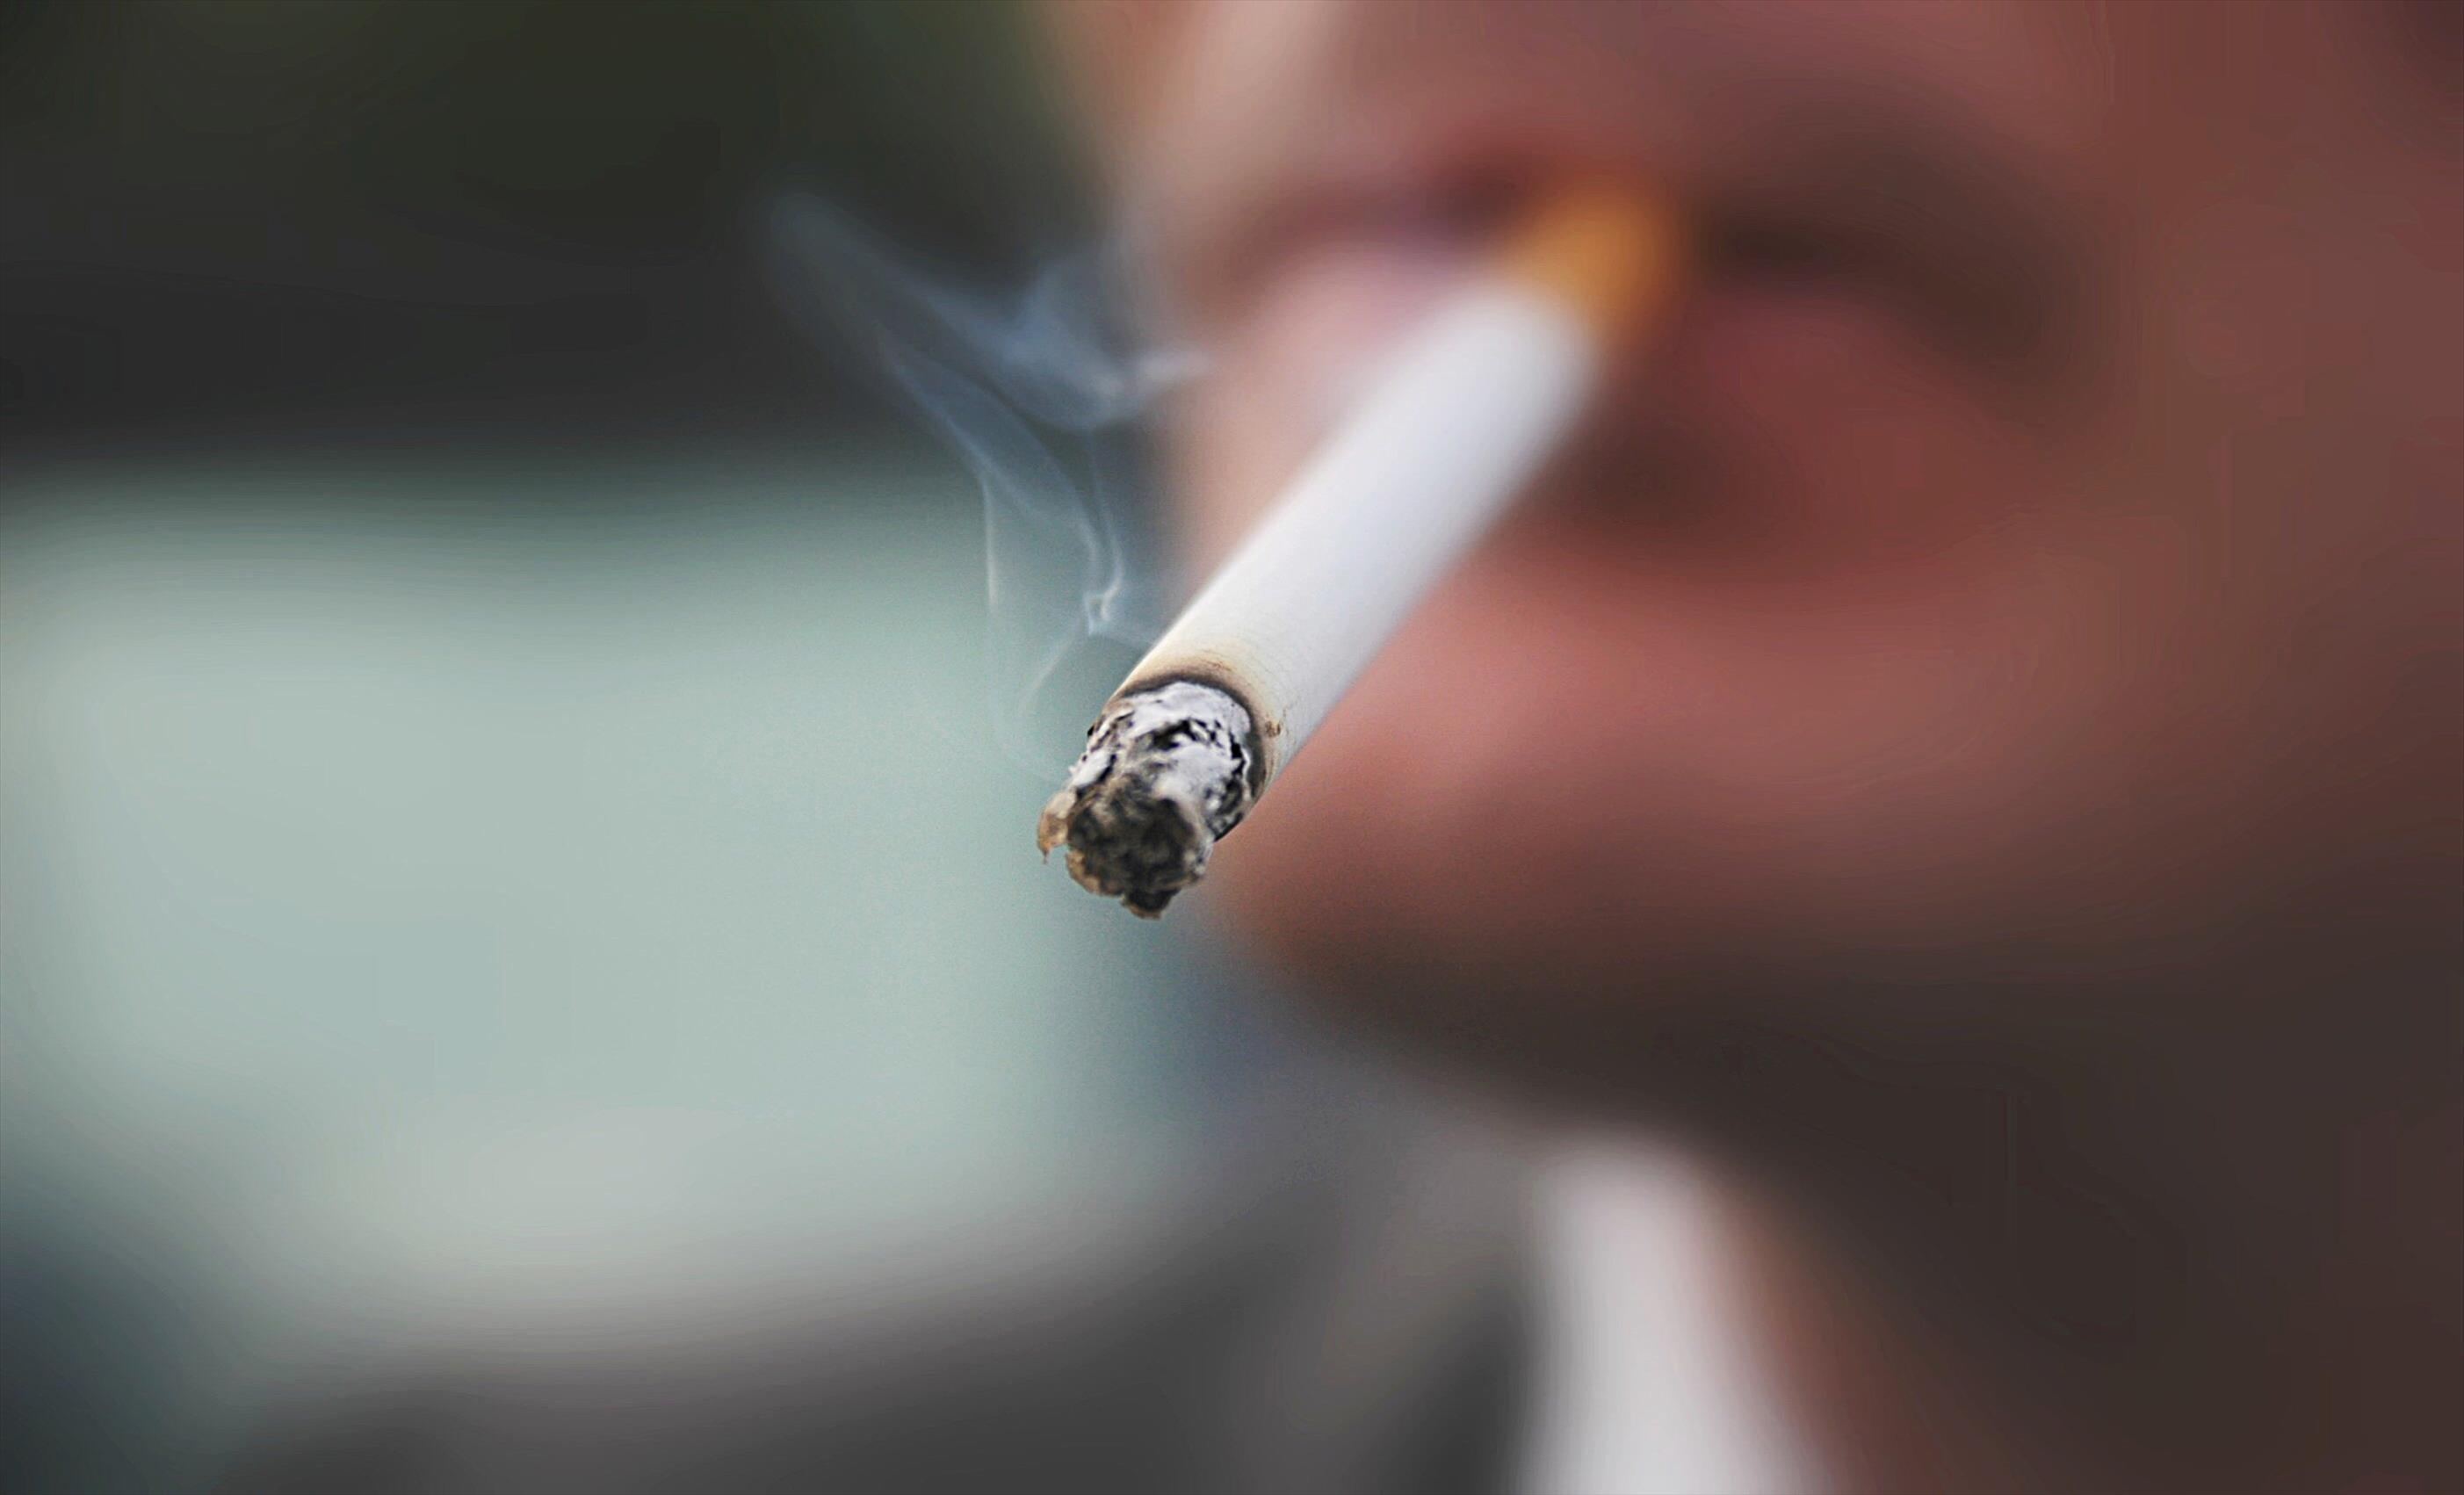 Слика од Пушењето значи поголема опасност при зараза со Ковид-19